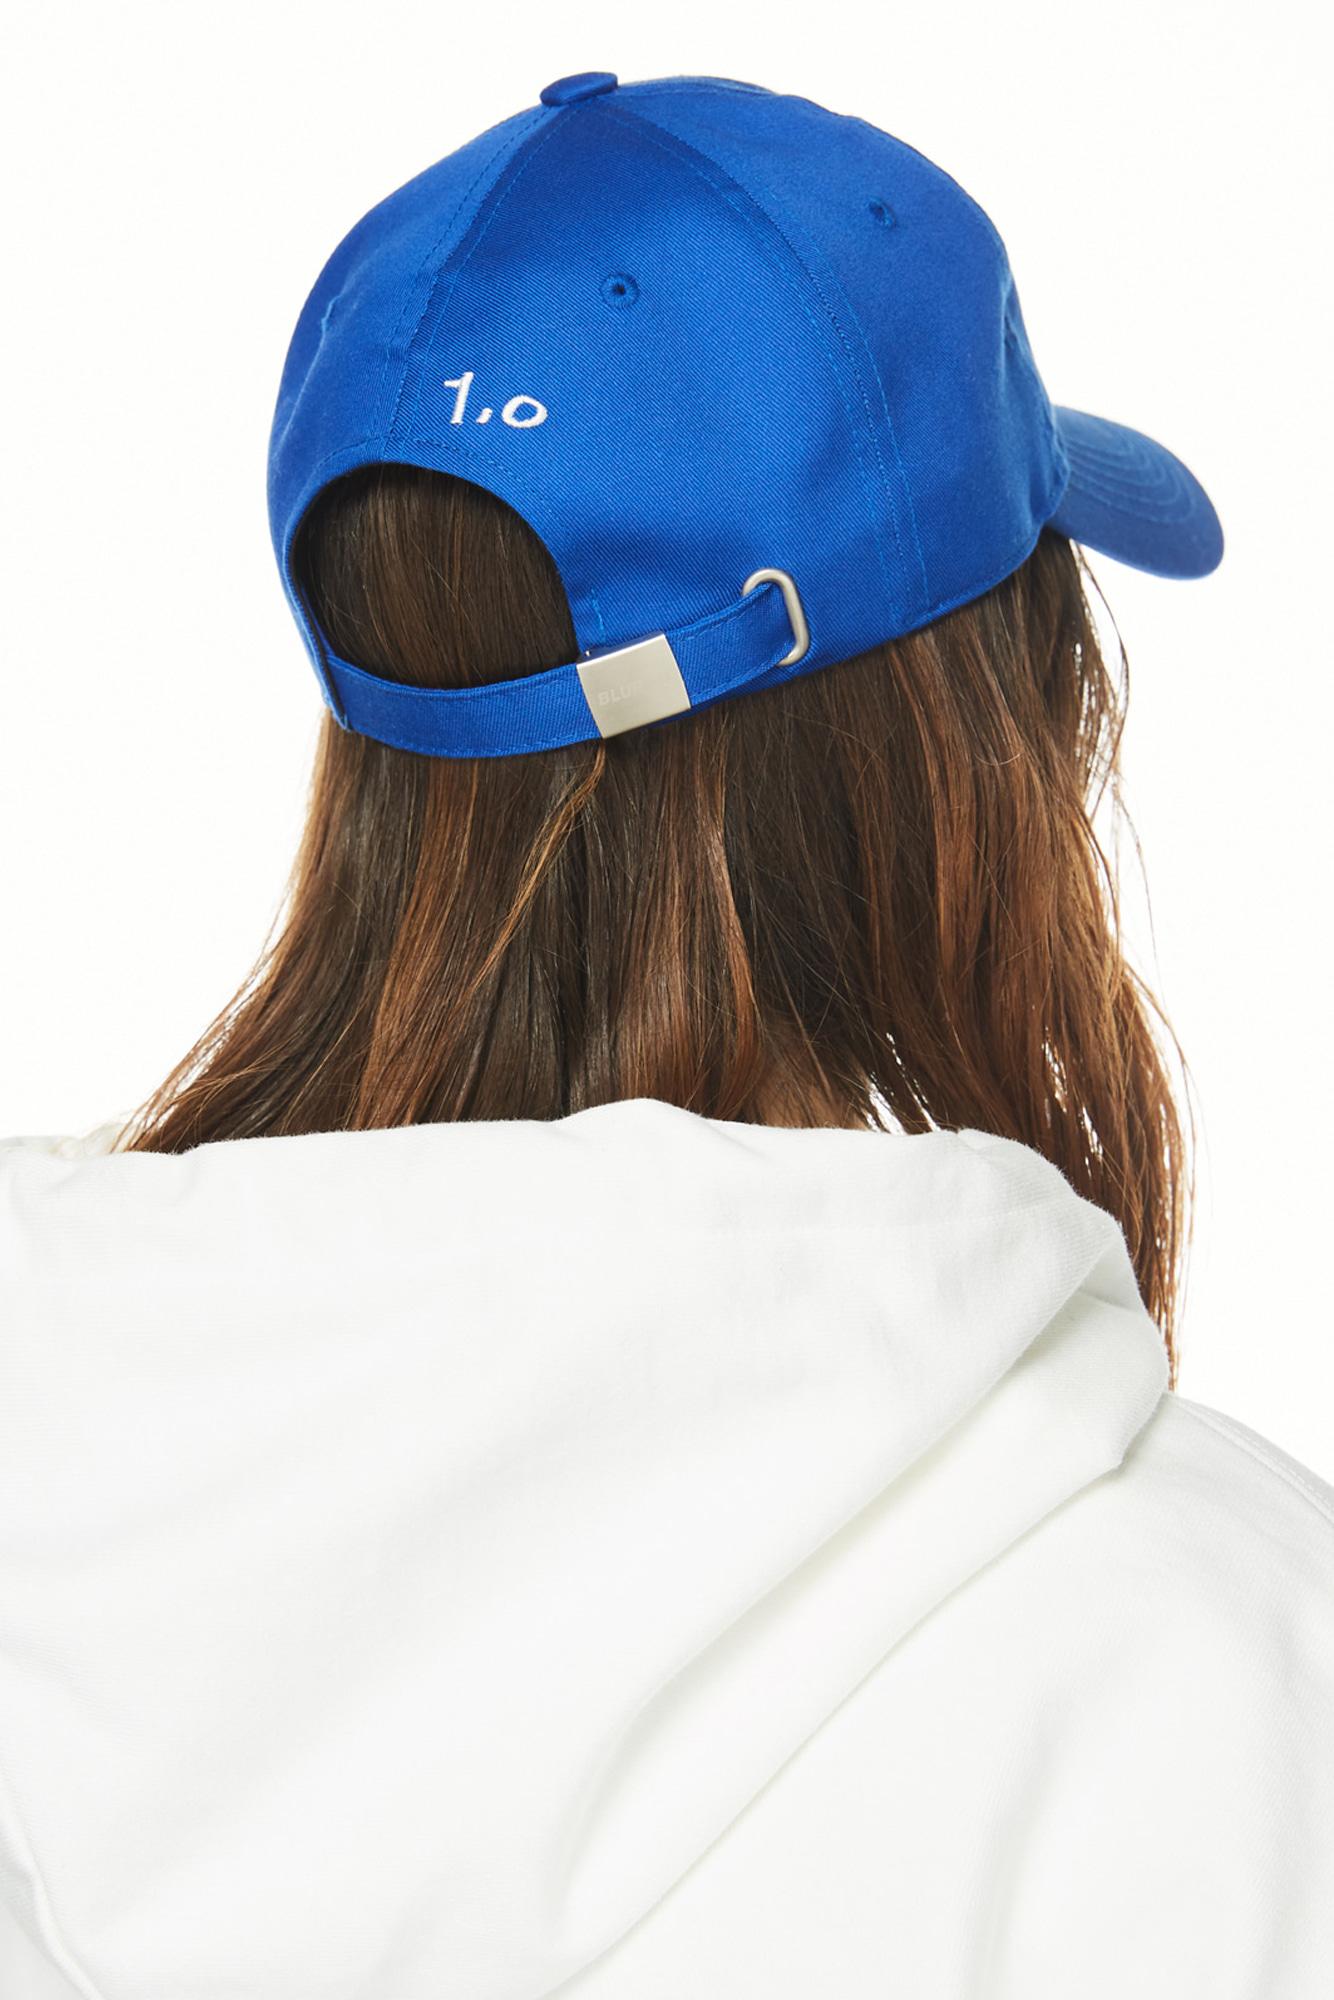 블러1.0(BLUR 1.0) B PATCH CAP - BLUE F